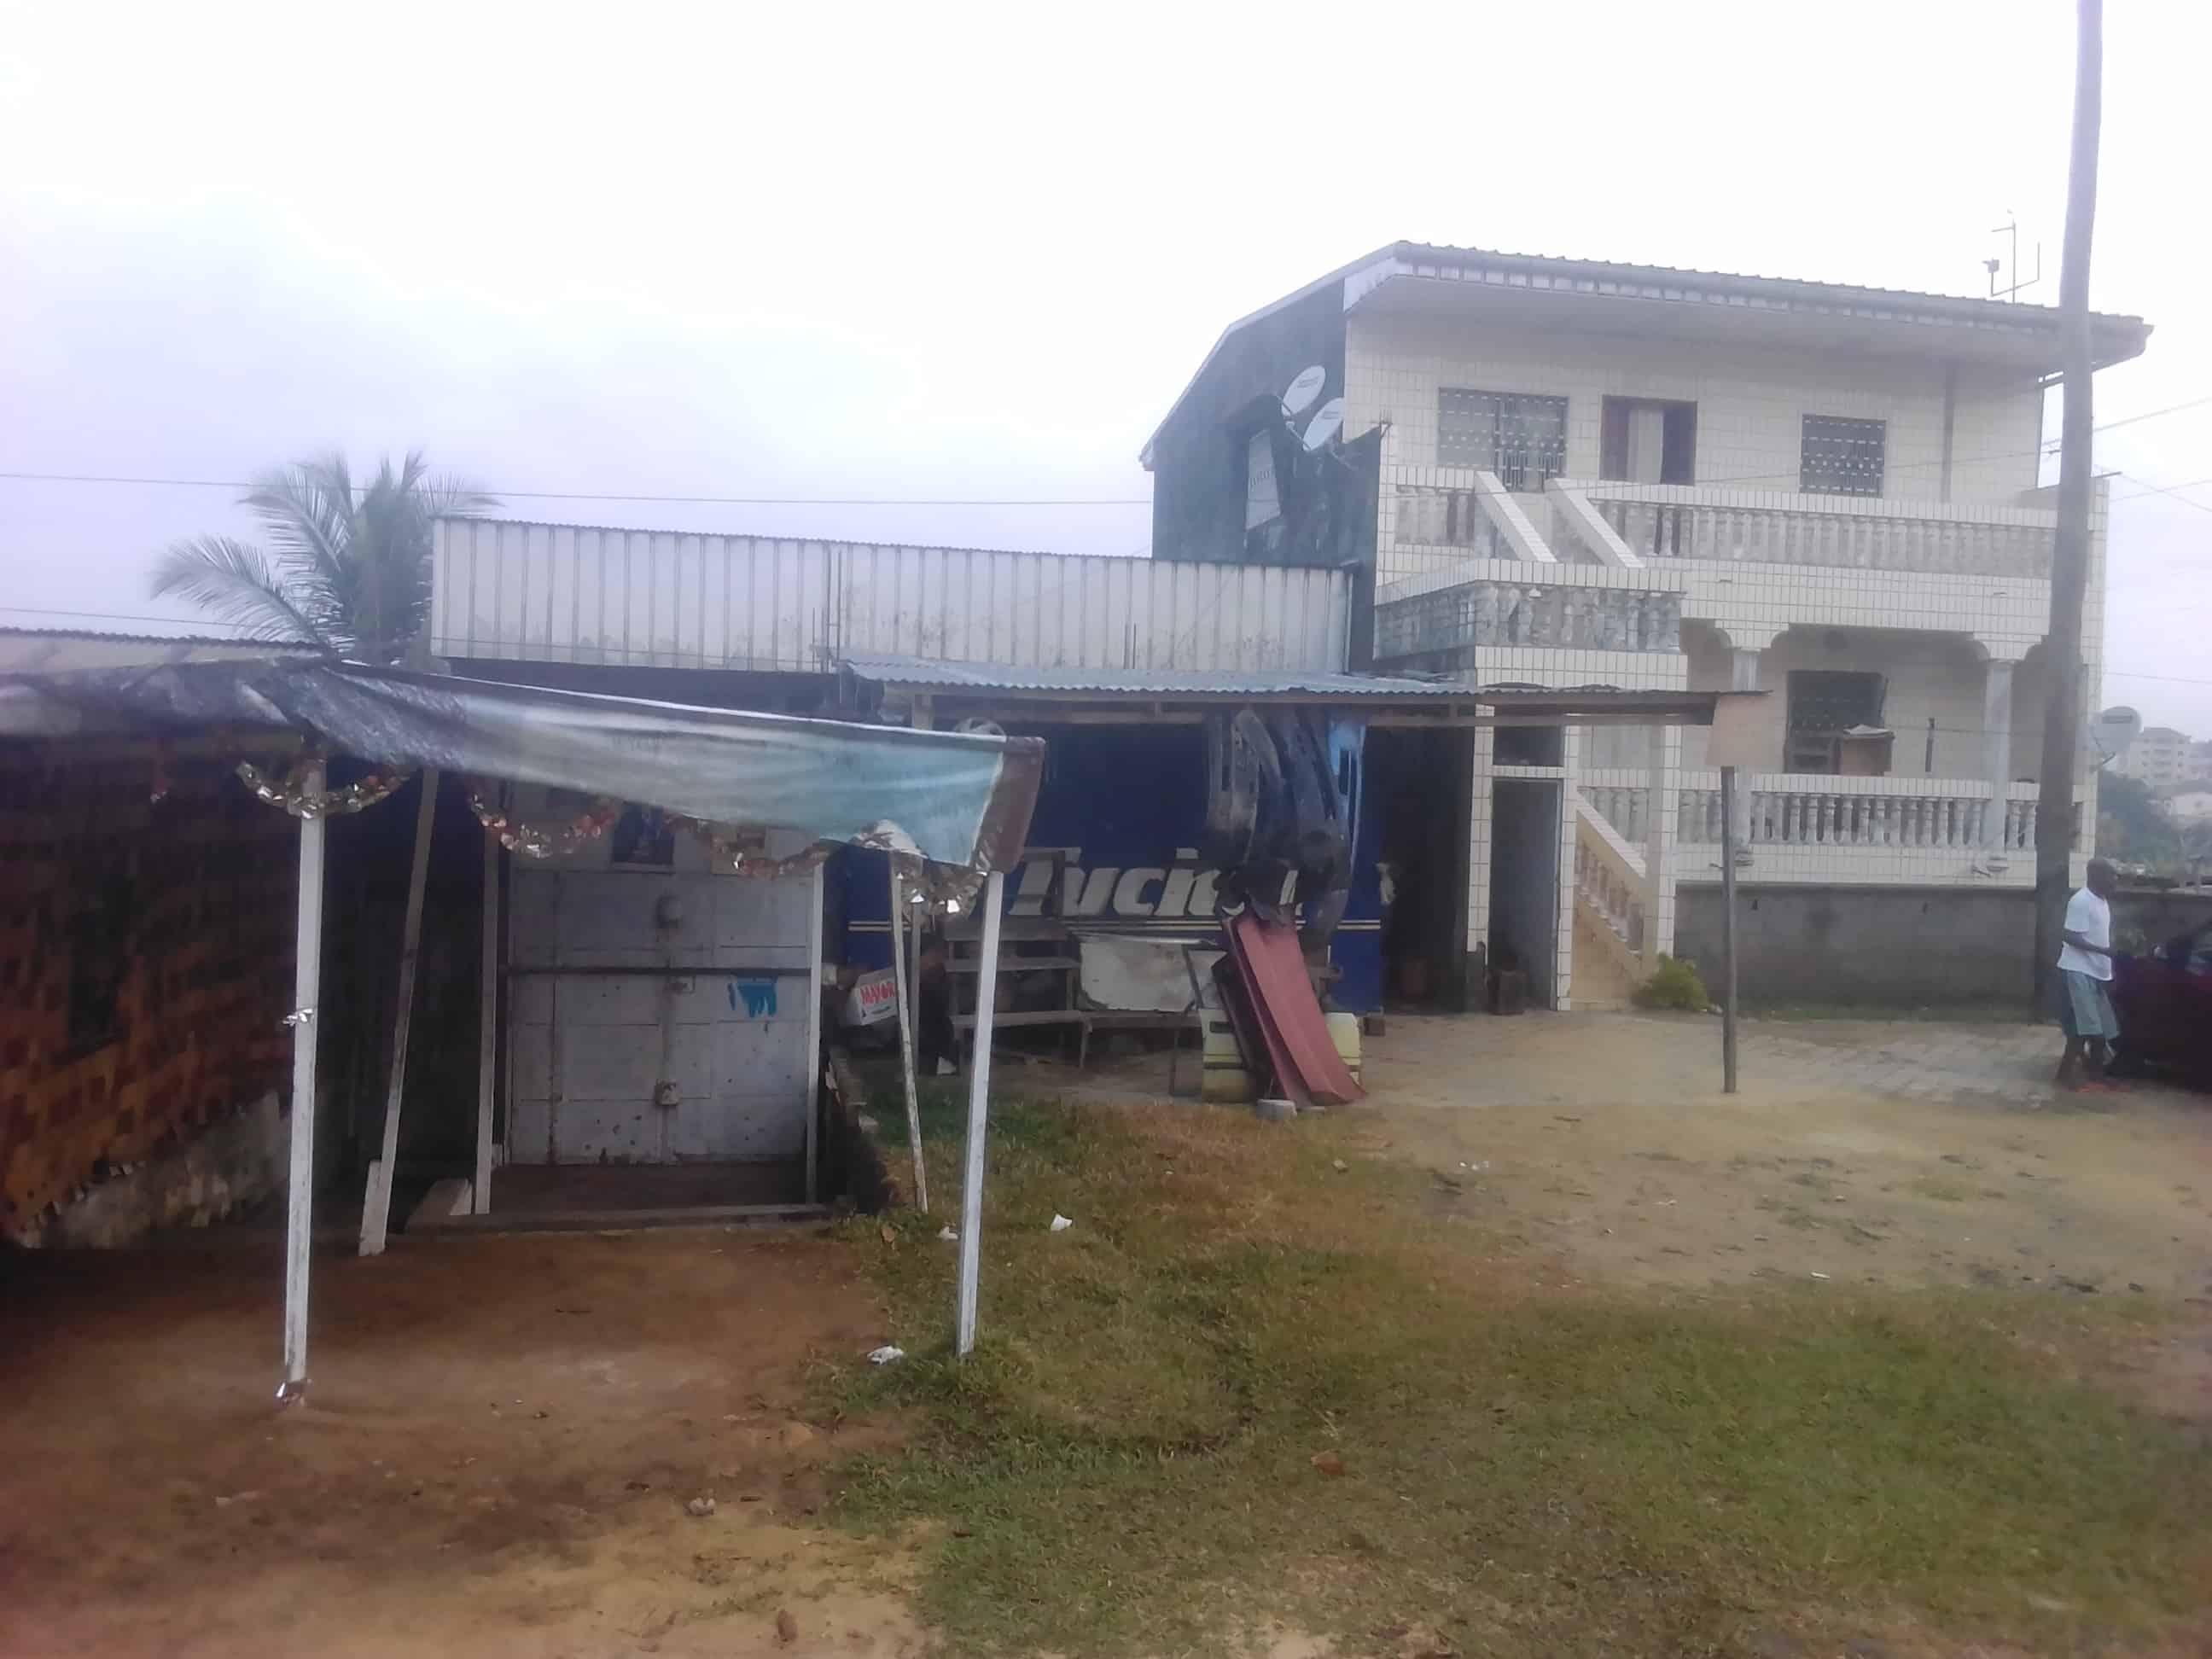 Land for sale at Douala, PK 09, Quartier PKO9 près du carréfour TOTAL de la cité des palmiers - 228 m2 - 15 960 000 FCFA